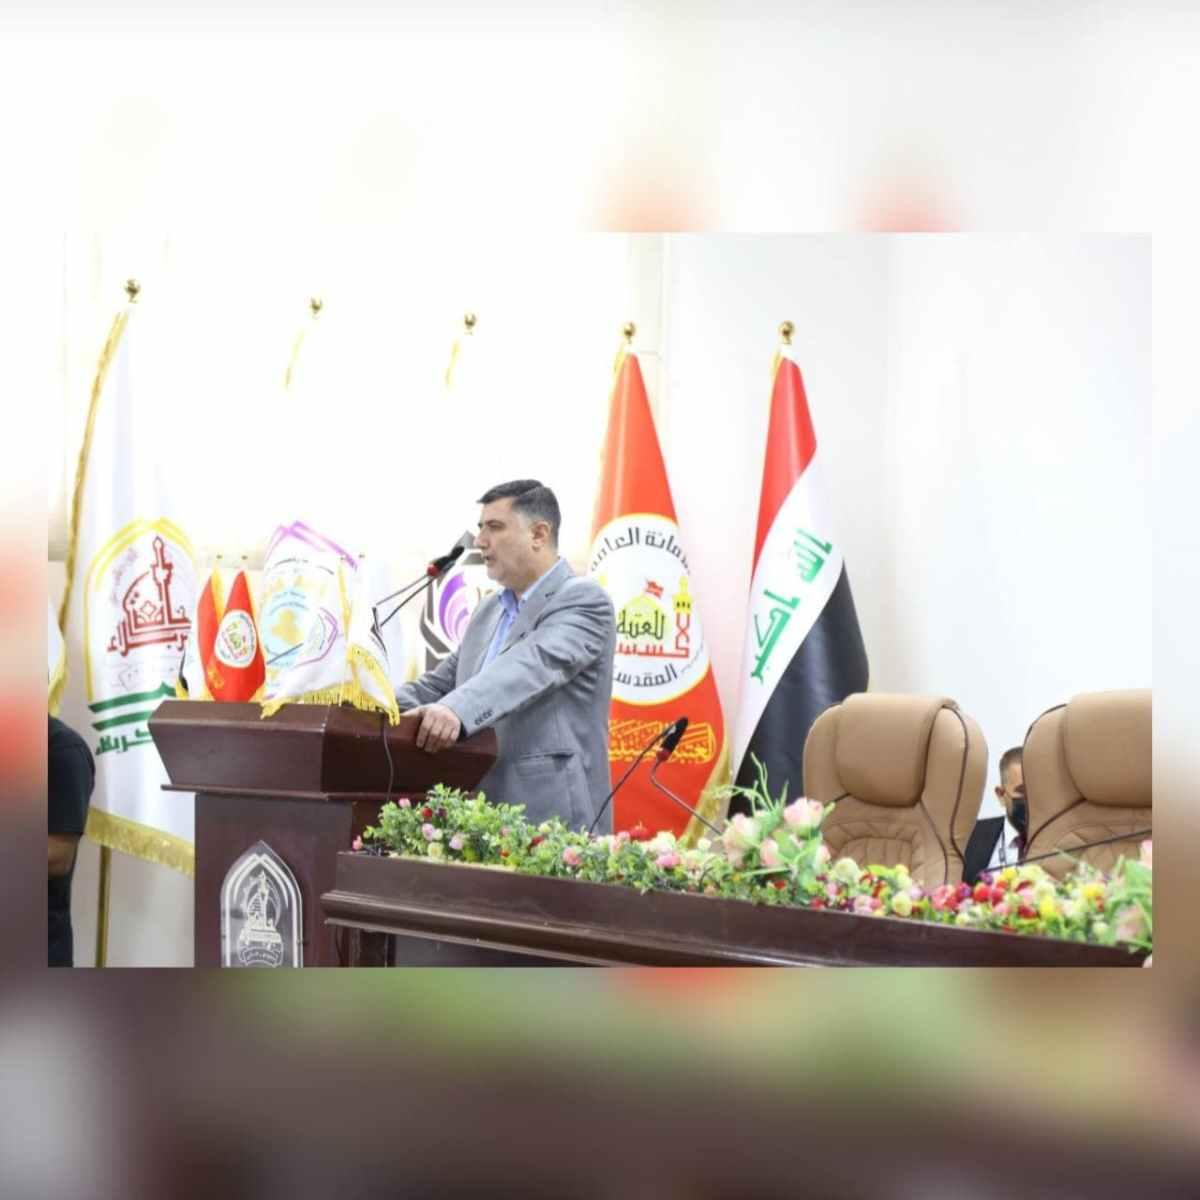 مؤتمر كلية الإدارة والاقتصاد الخامس عشر - كلمة السيد معاون الأمين العام للعتبة الحسينية المقدسة